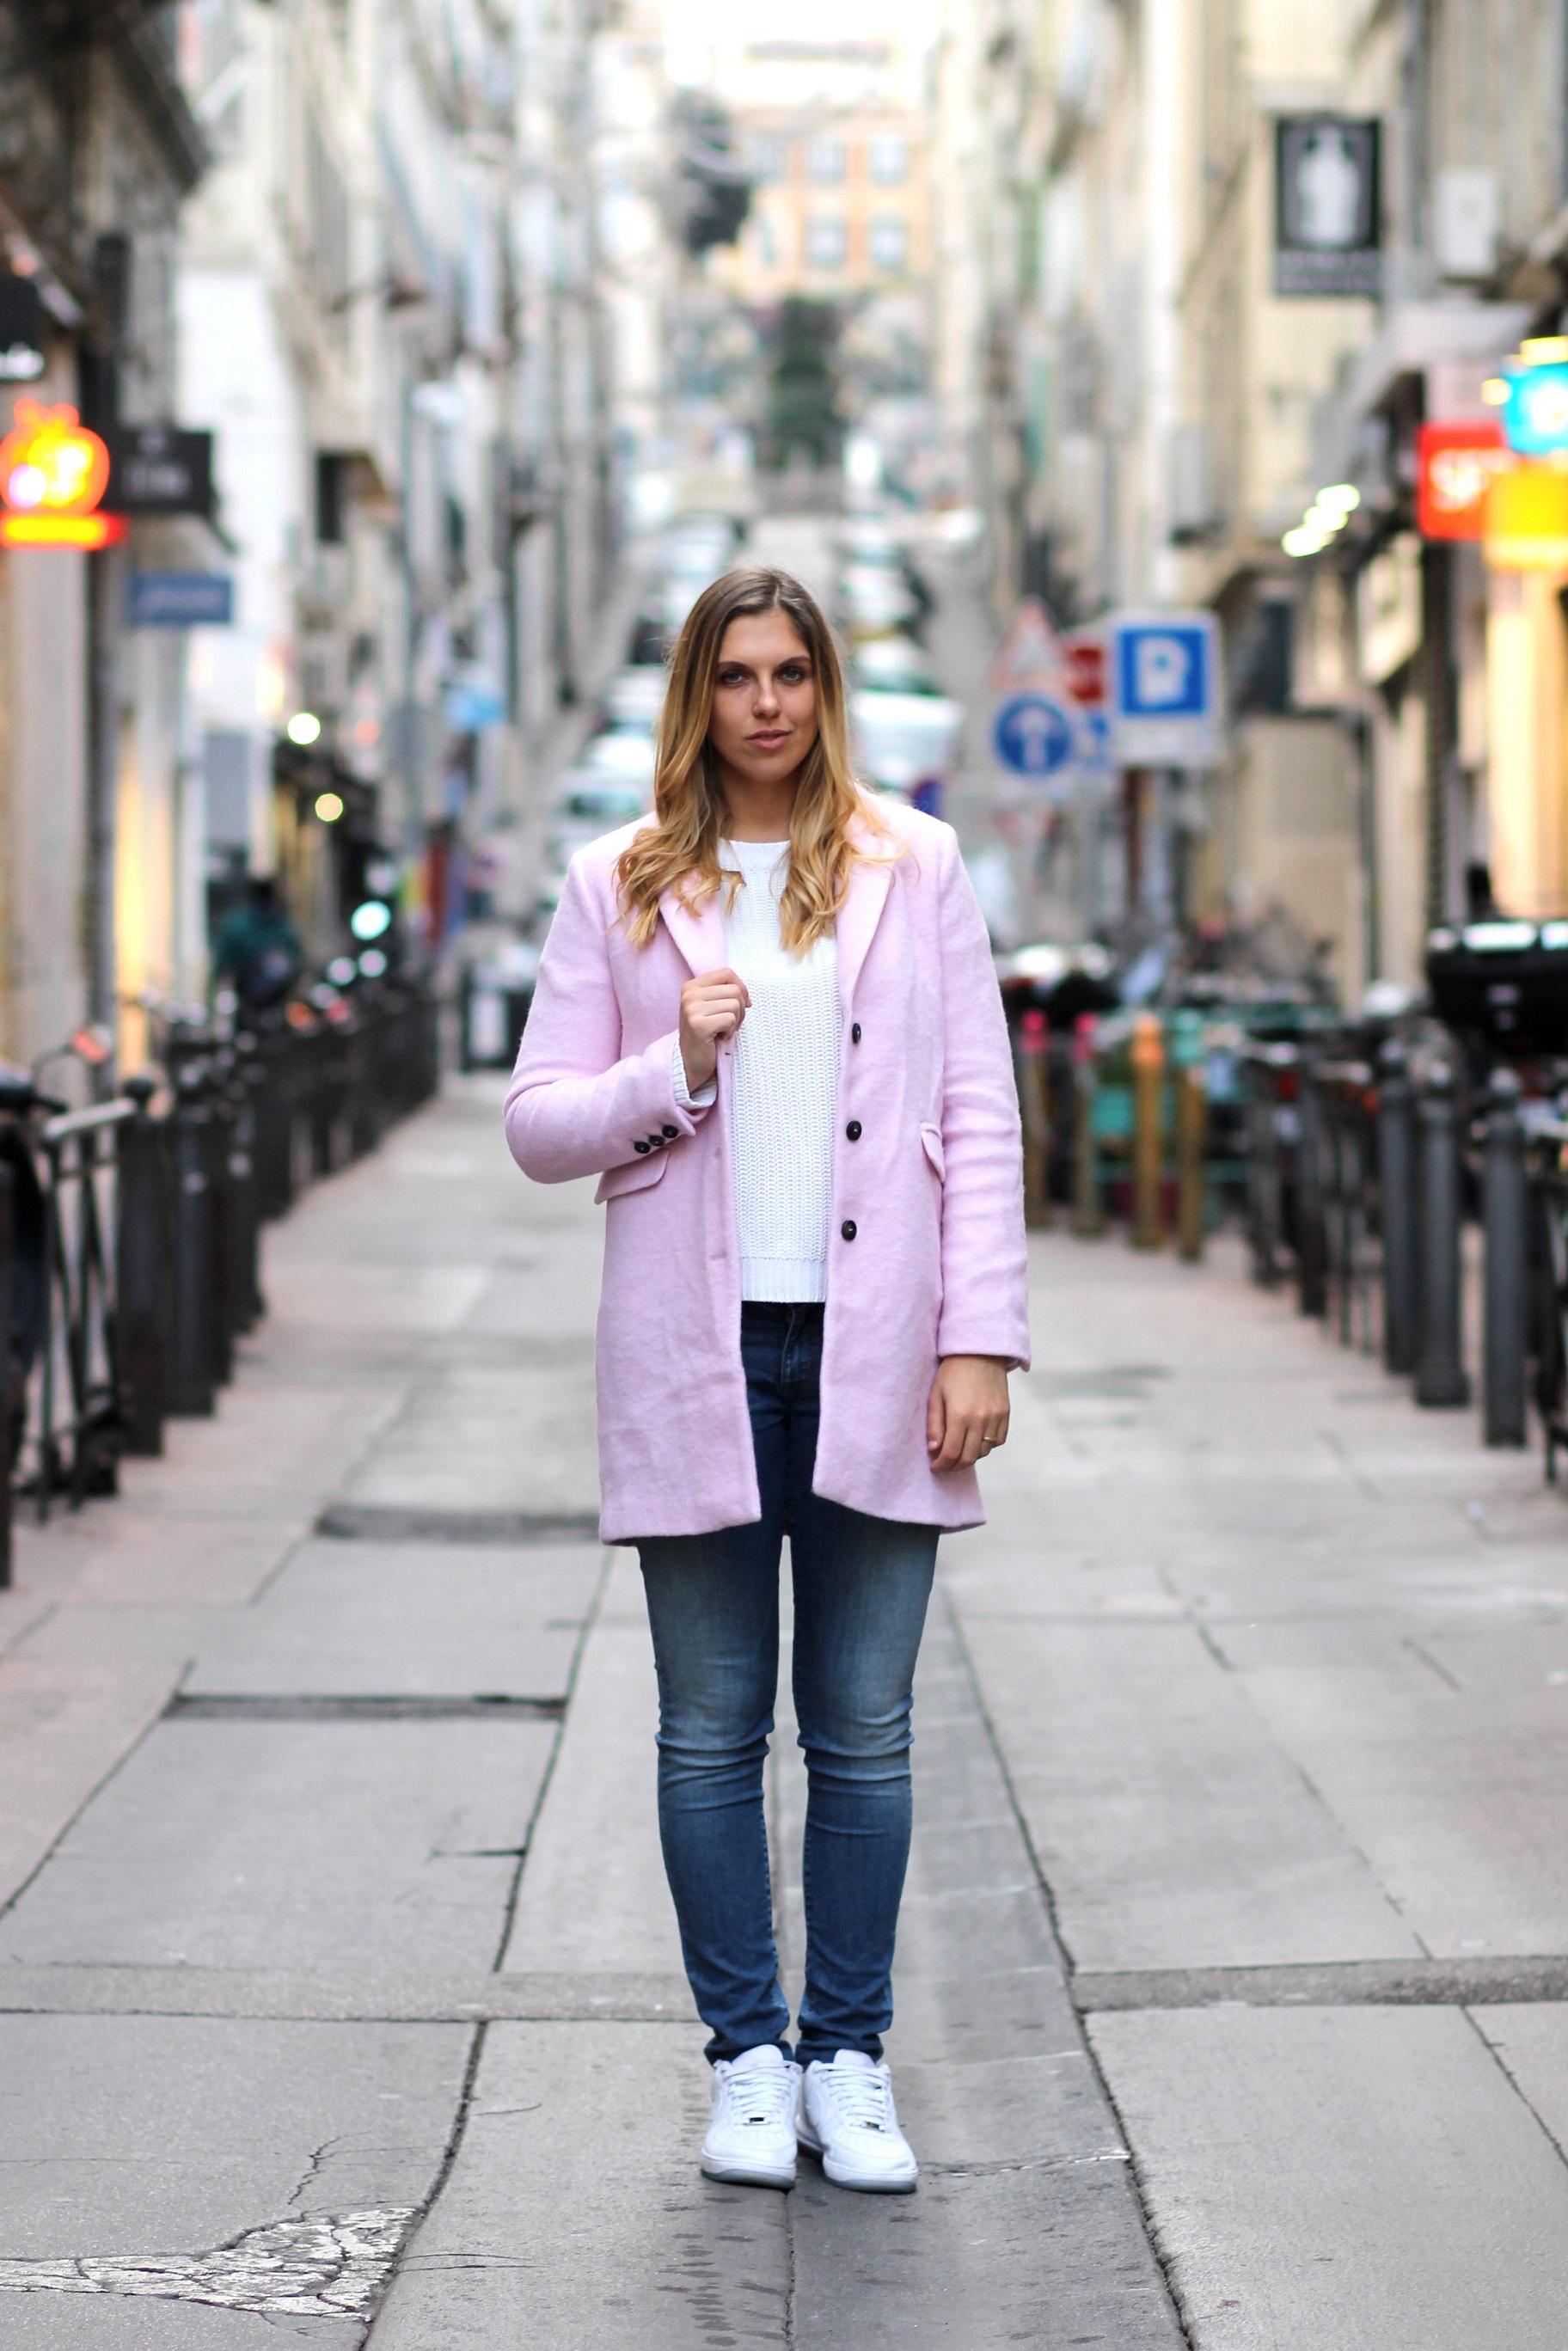 Levis Jeans Pink coat